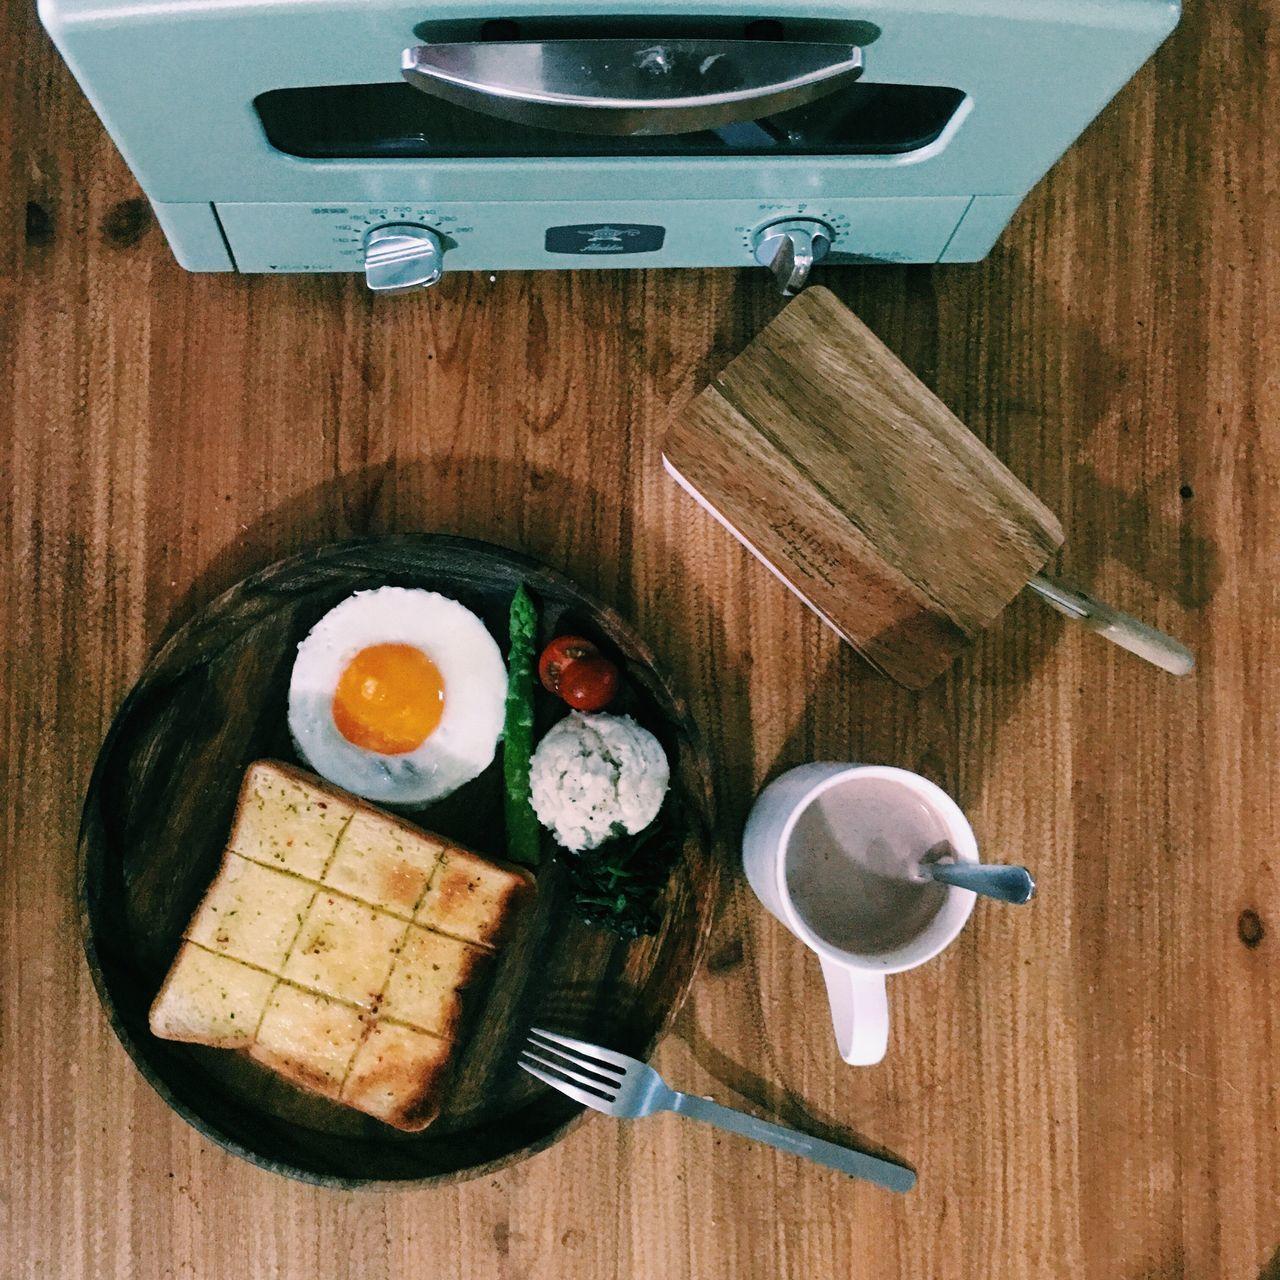 Breakfast Morning Egg おはよう おうちごはん Onthetable Onmytable Fatherhood  朝ごはん おうちカフェ Singlefather あさごはん パパめし シングルパパ シングルファザー Single Father うちめし Aladdin Tost